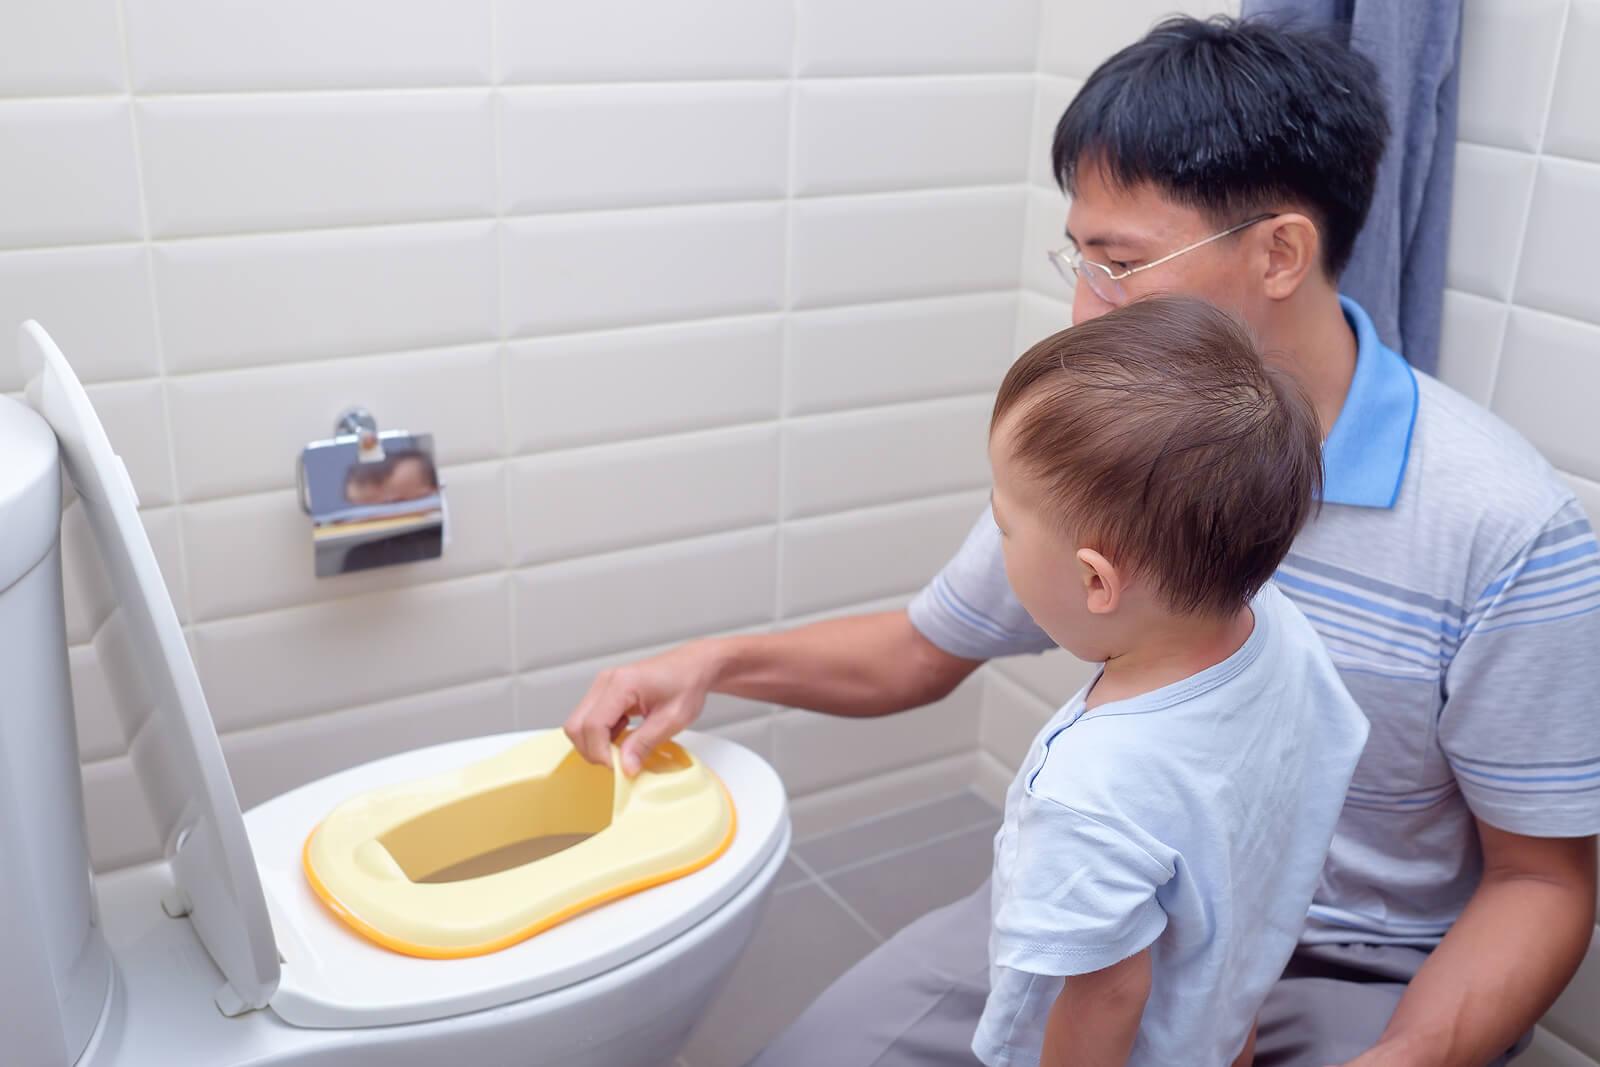 La sensibilidad al gluten se manifiesta después que la celiaquía